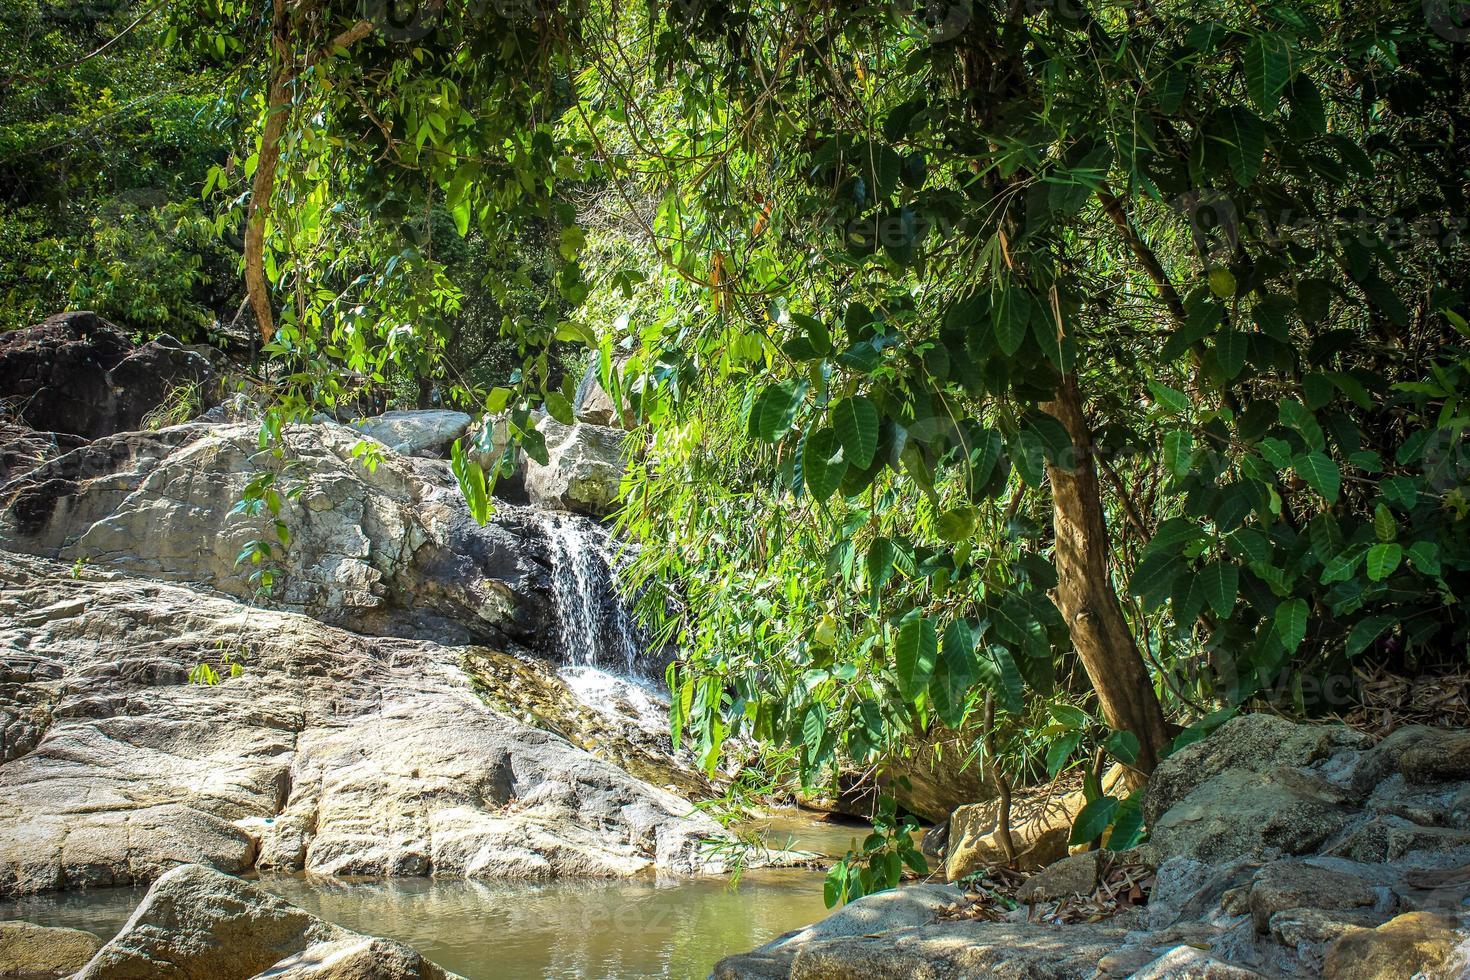 Wasserfall mit Pool im tropischen Dschungel, na muang, koh samui foto